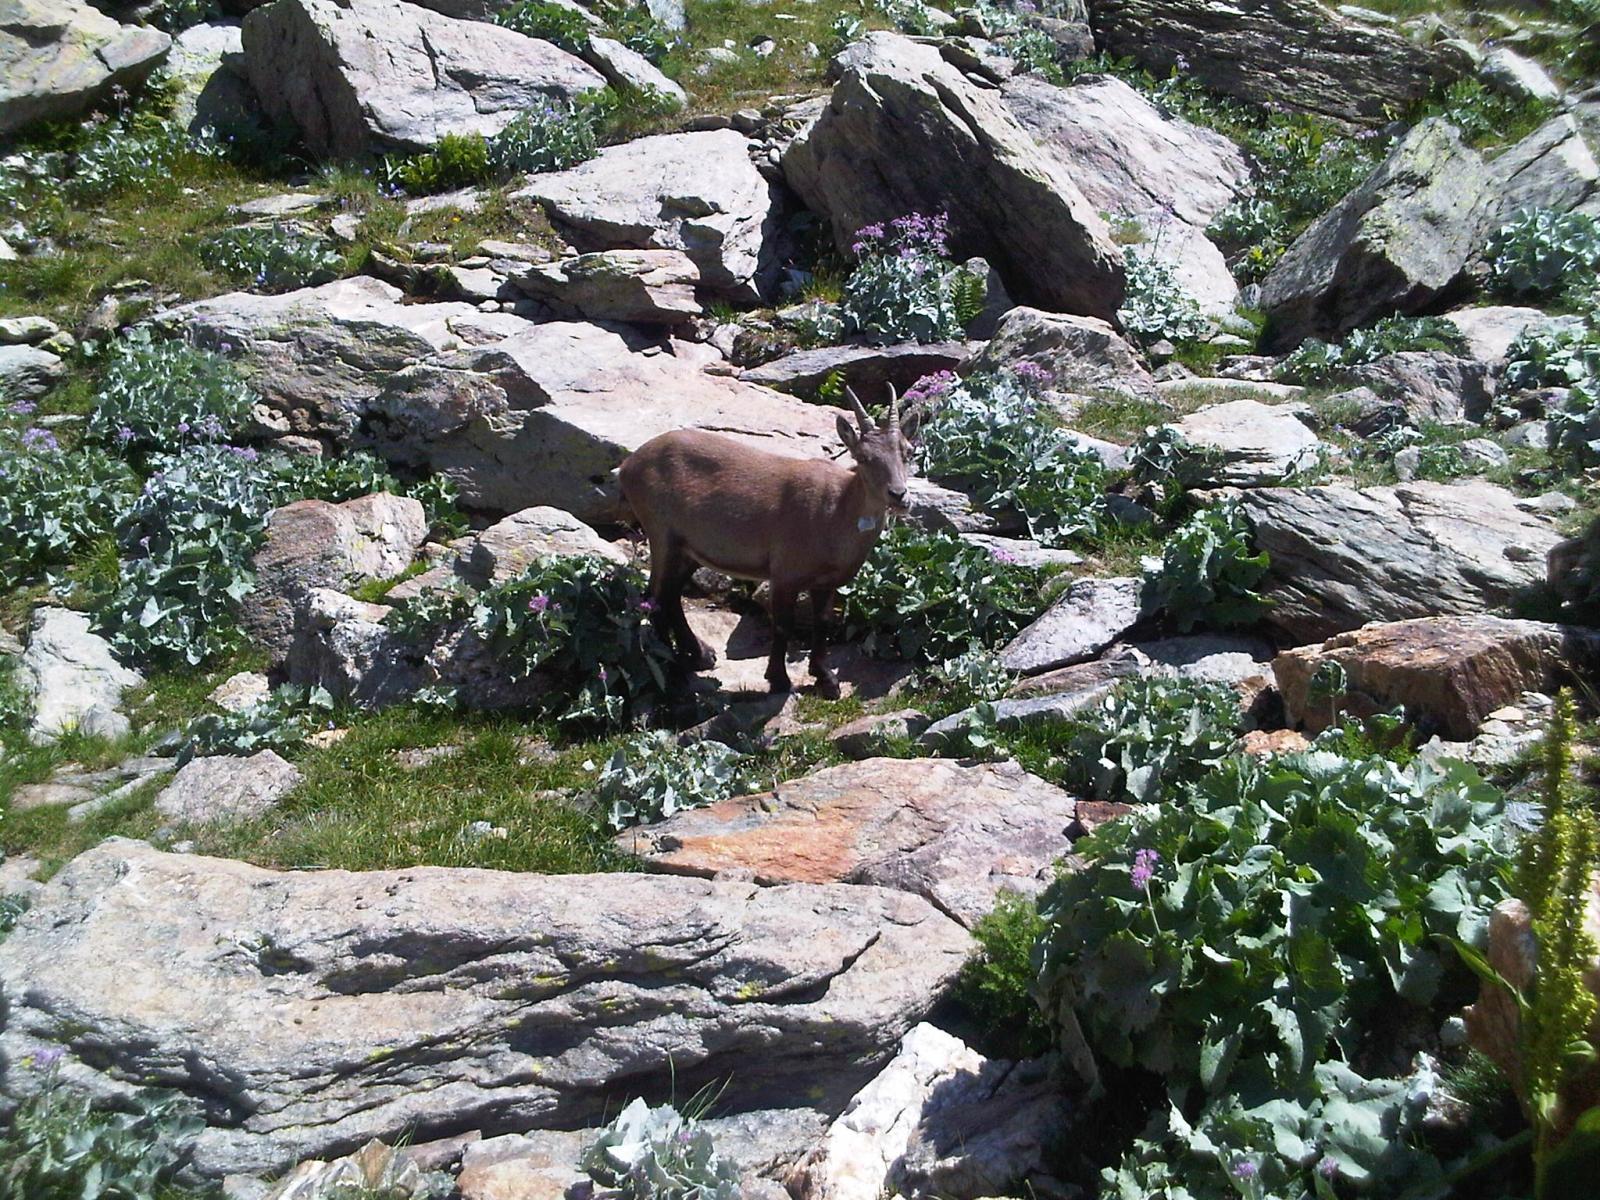 Mte. Argentera 08-11 August 2012 (Photo 12)